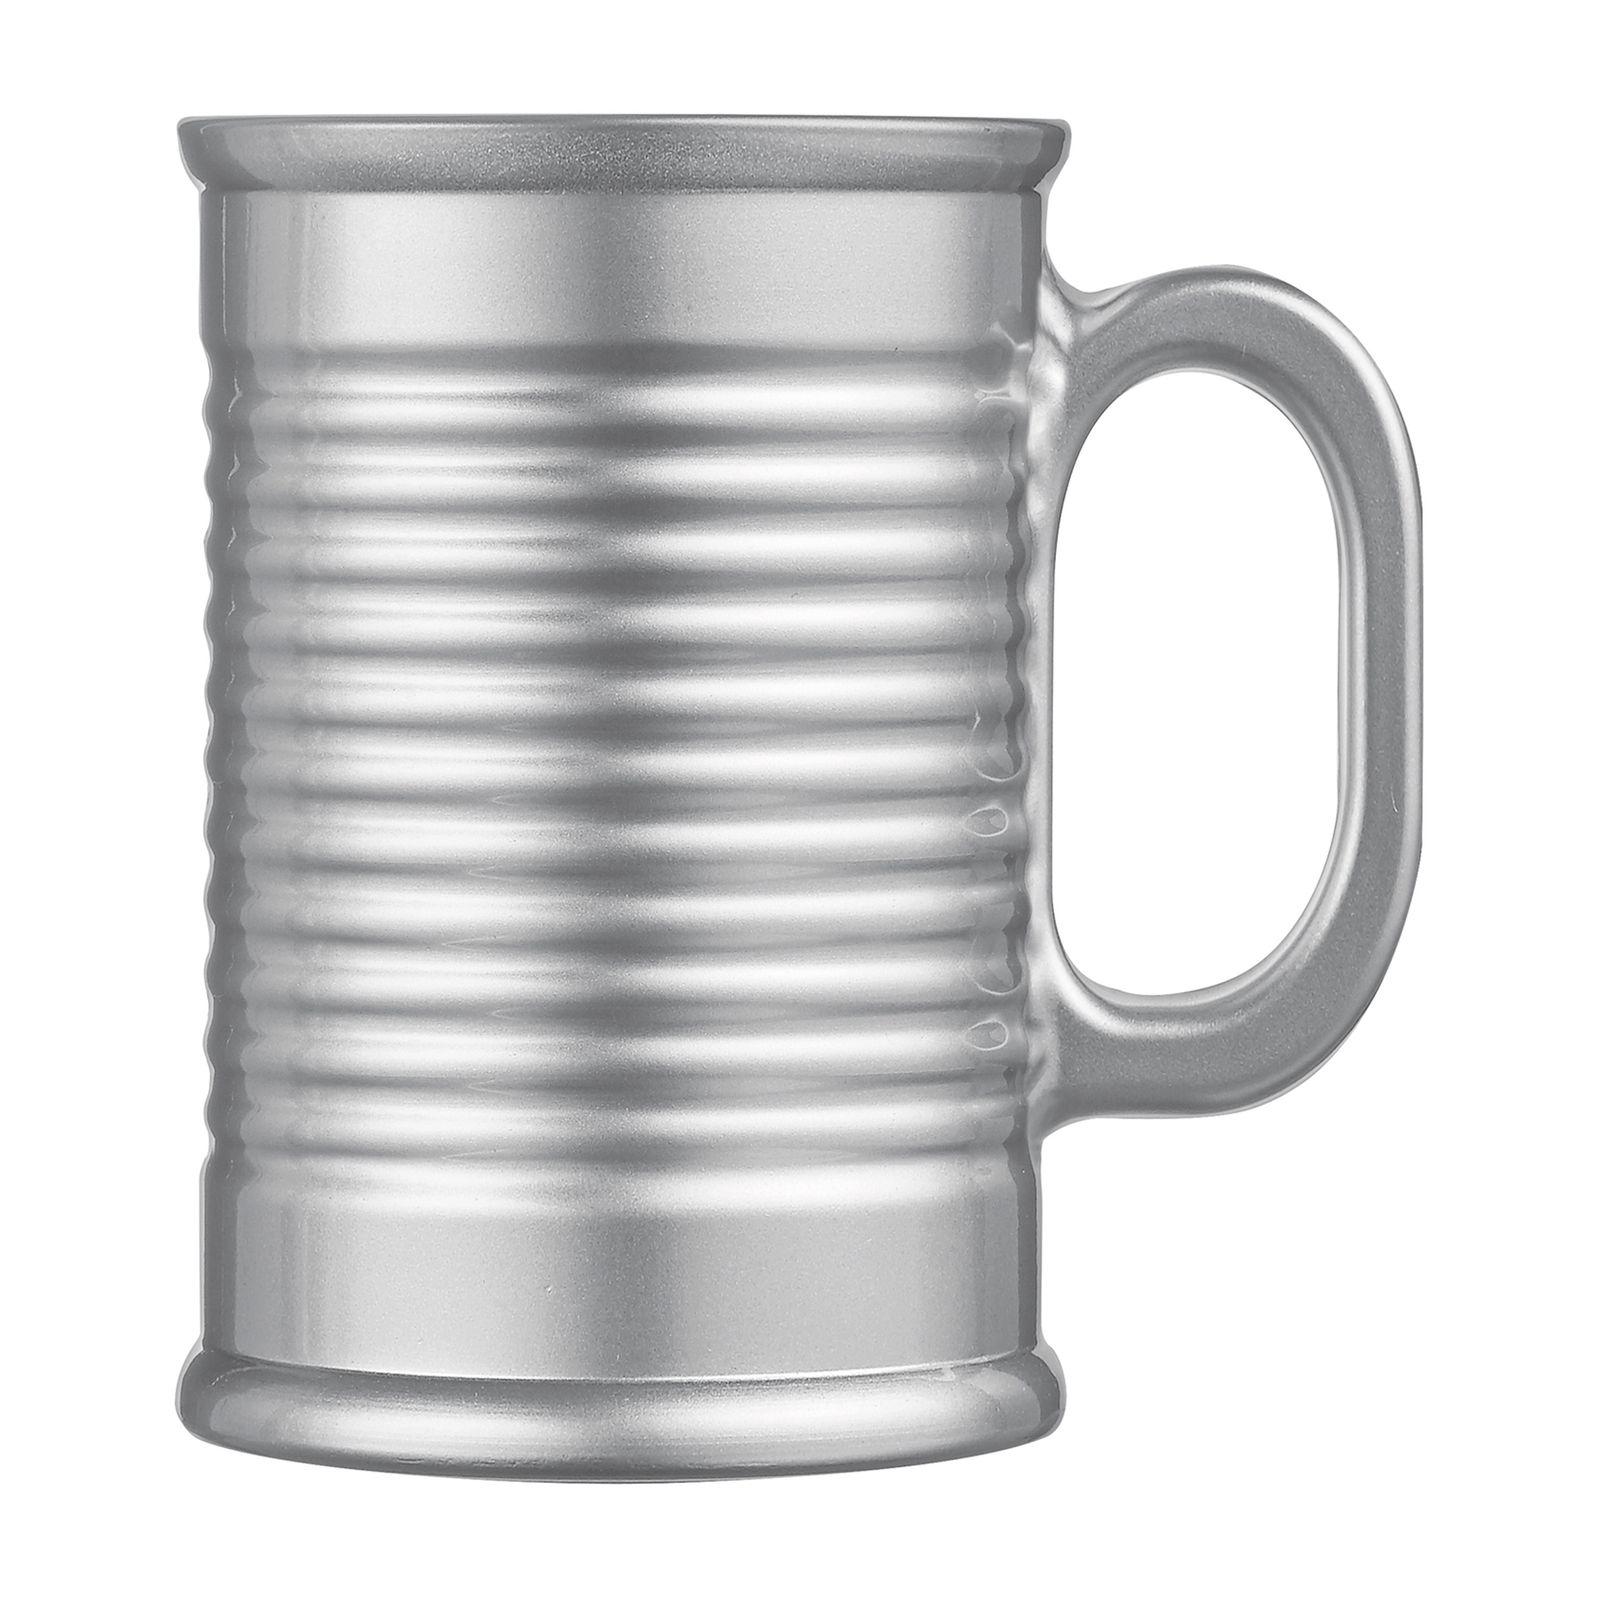 Kubek Conserve Moi 320 ml srebrny-metalik LUMINARC